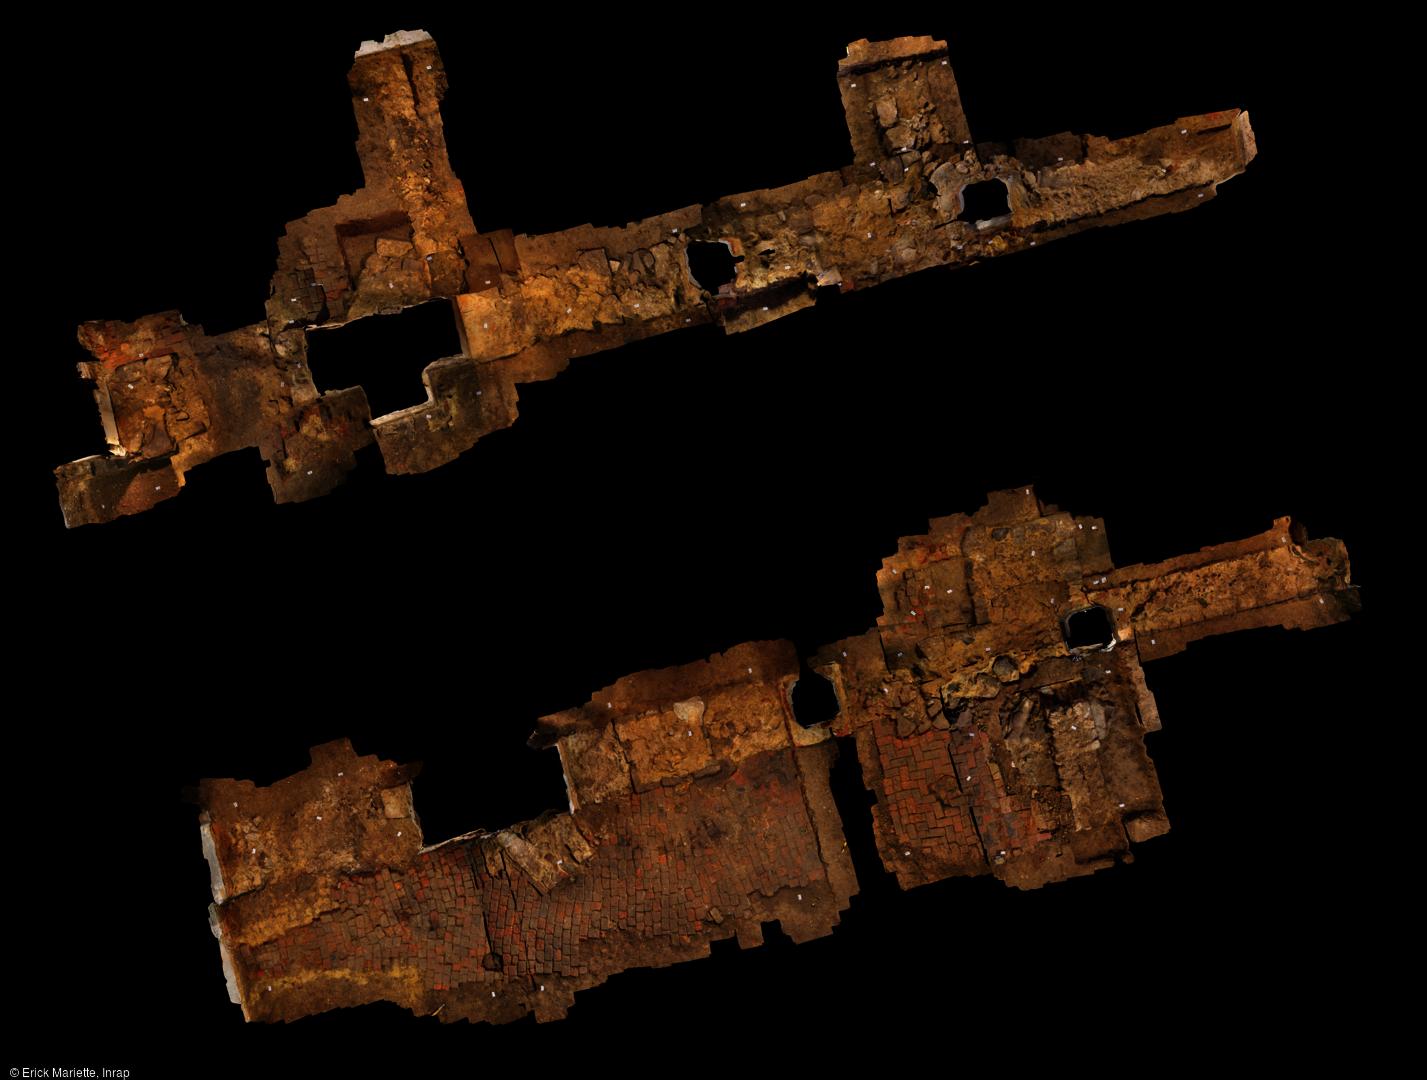 Orthophotographie résultant de la photogrammétrie (vue zénithale) effectuée dans l'église Sainte-Benoite de Lerzy (Aisne) et dévoilant les vestiges de l'église romane (XIe-XIIe siècles).